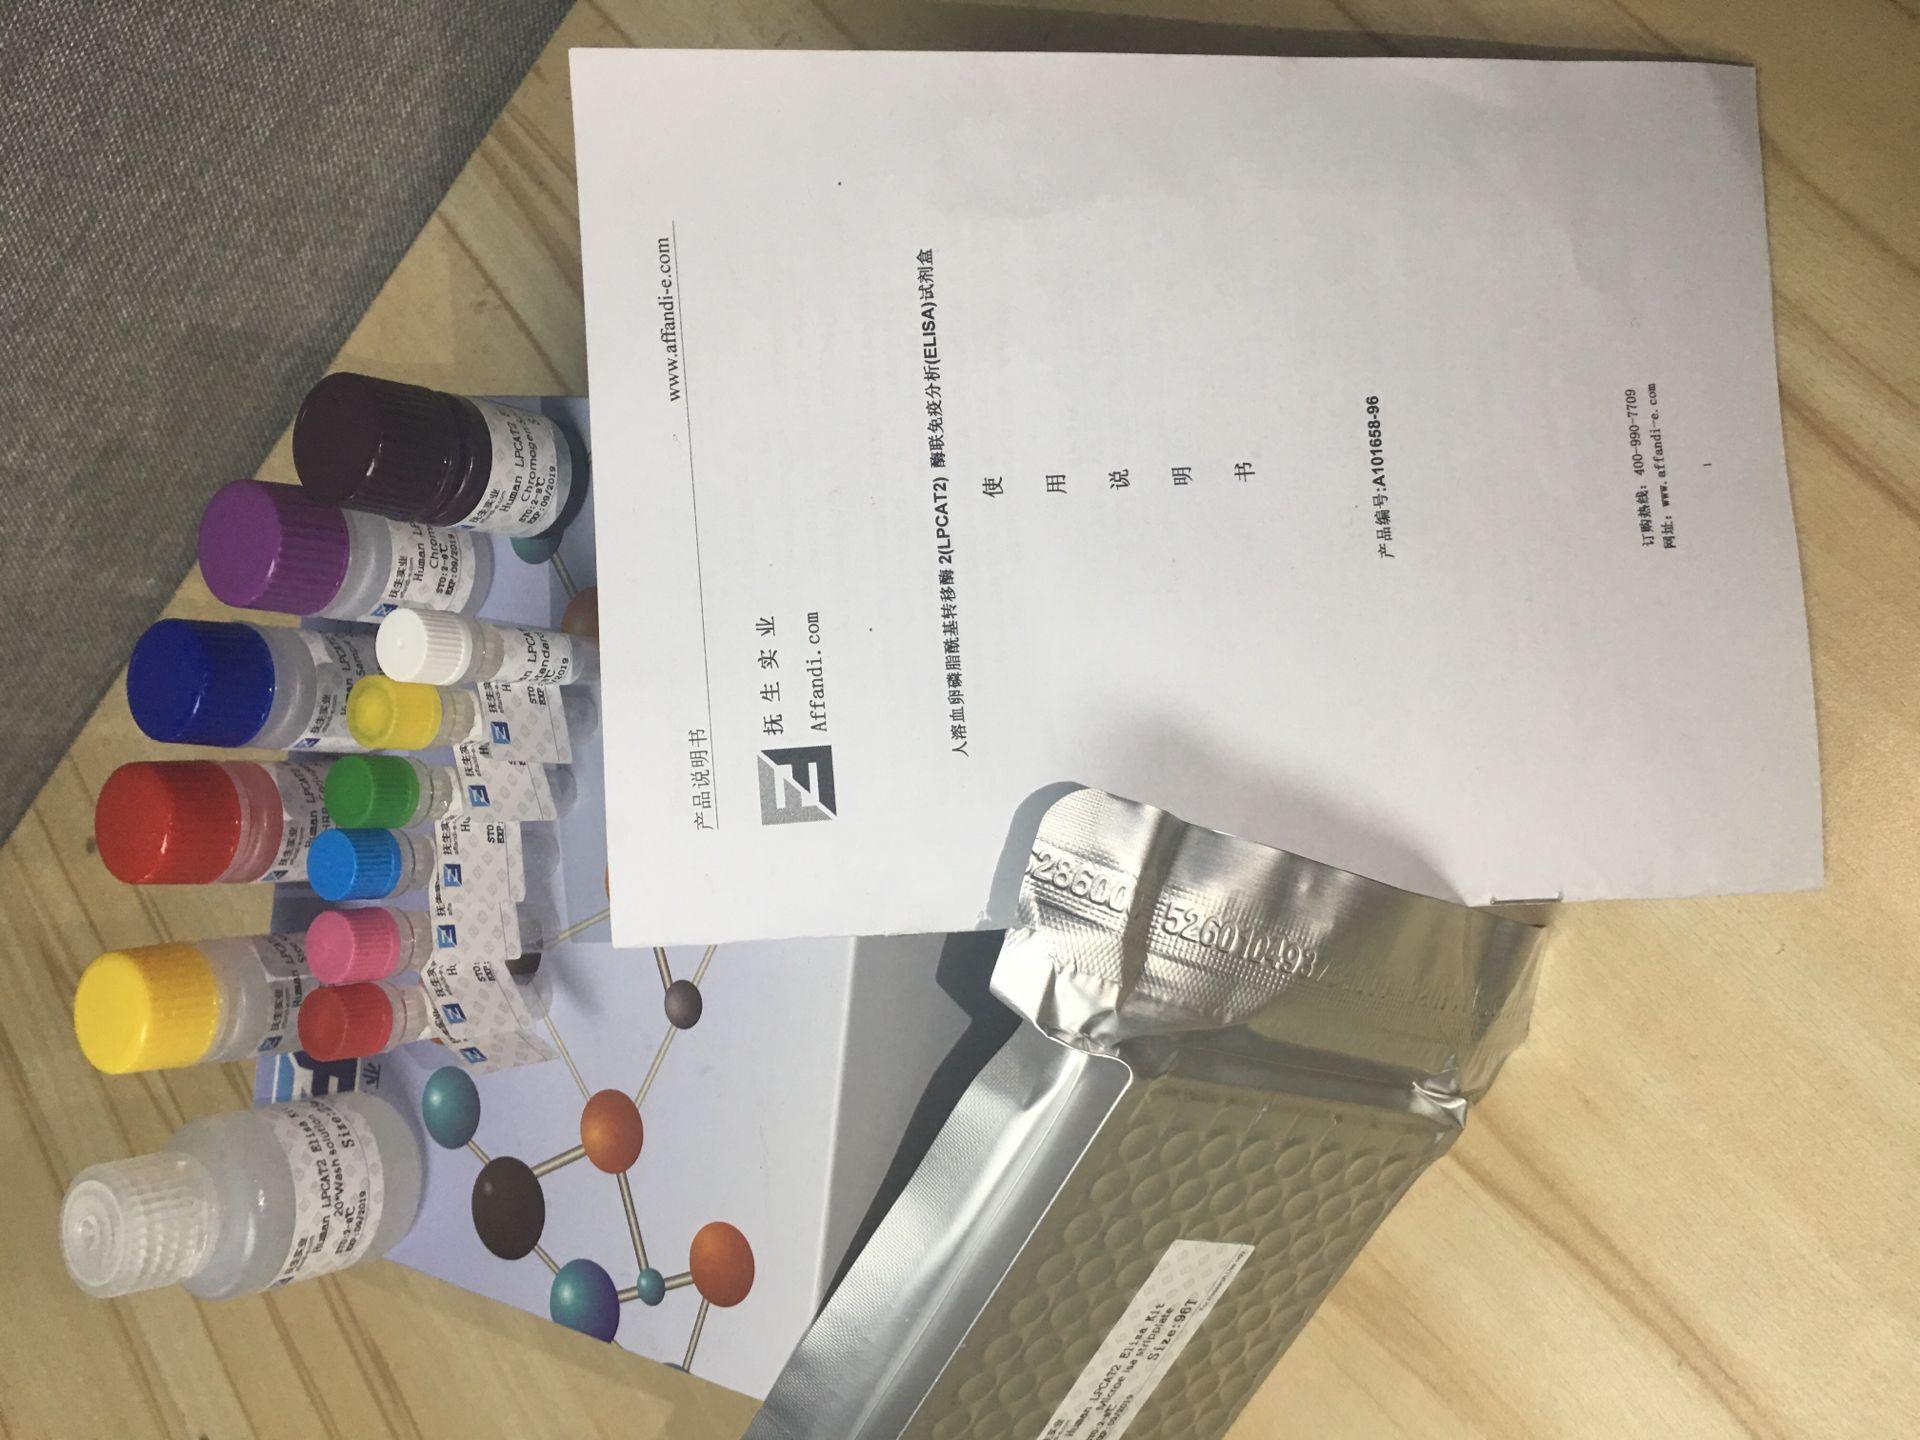 正丝氨酸蛋白酶抑制剂E2检测试剂盒